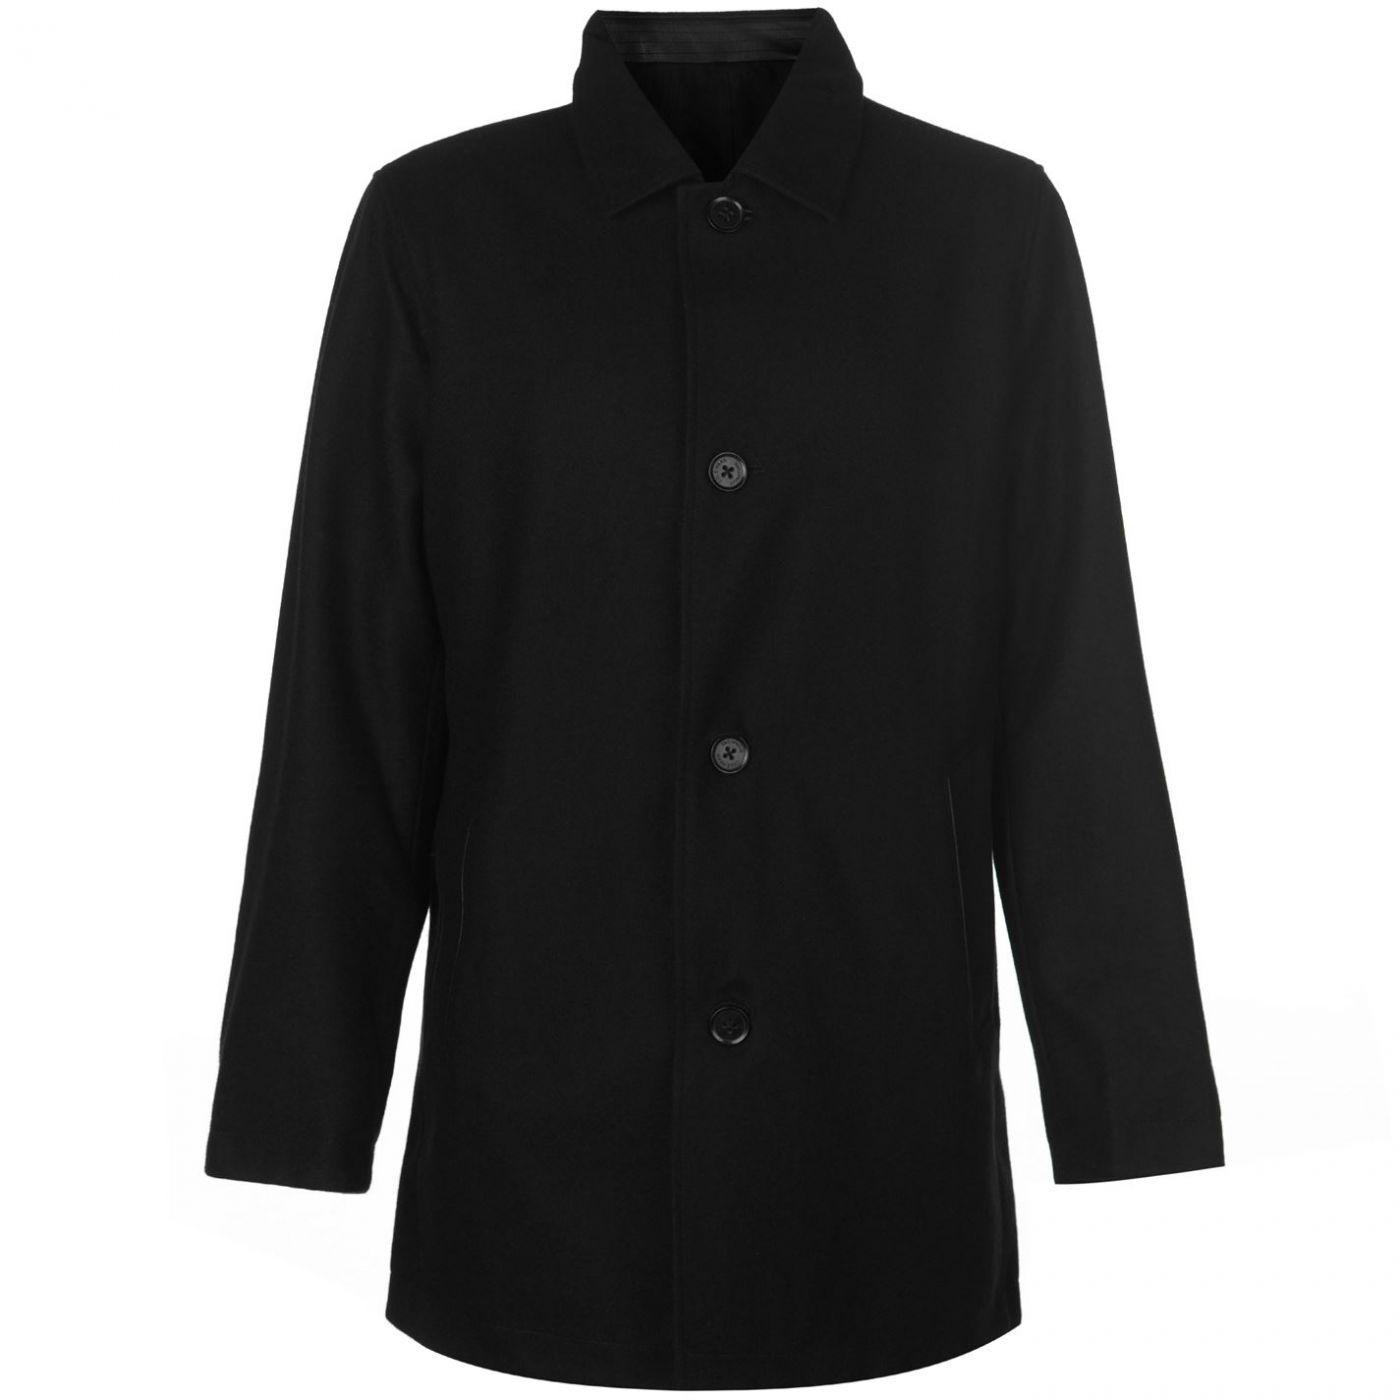 Cole Haan Reversible Wool Jacket Mens